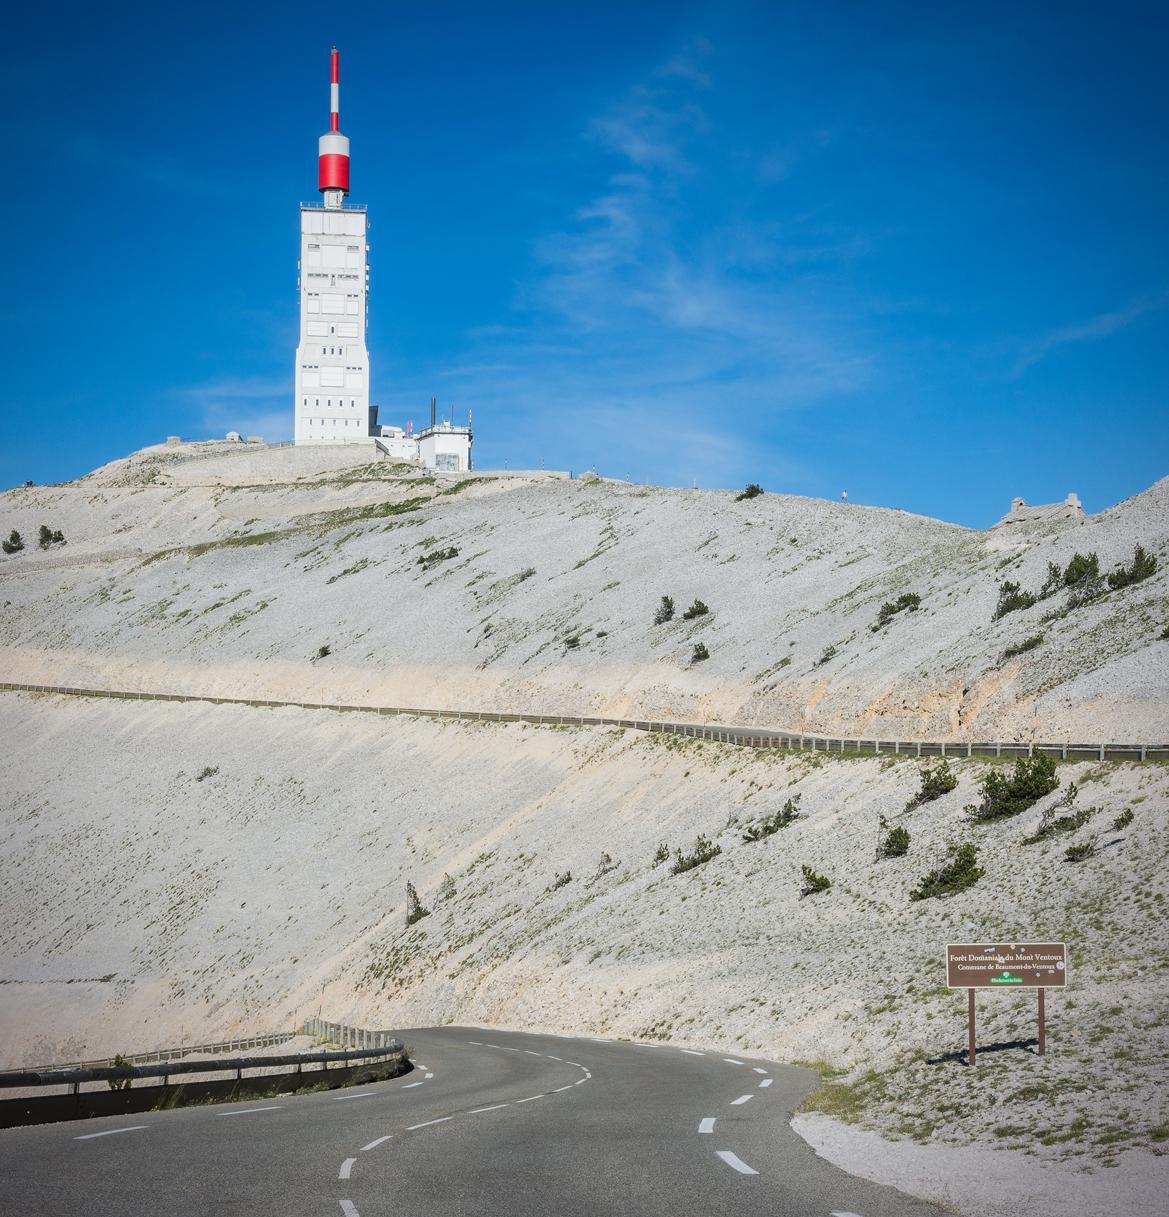 Wolf Experience - Mont Ventoux - Les 7 etapes